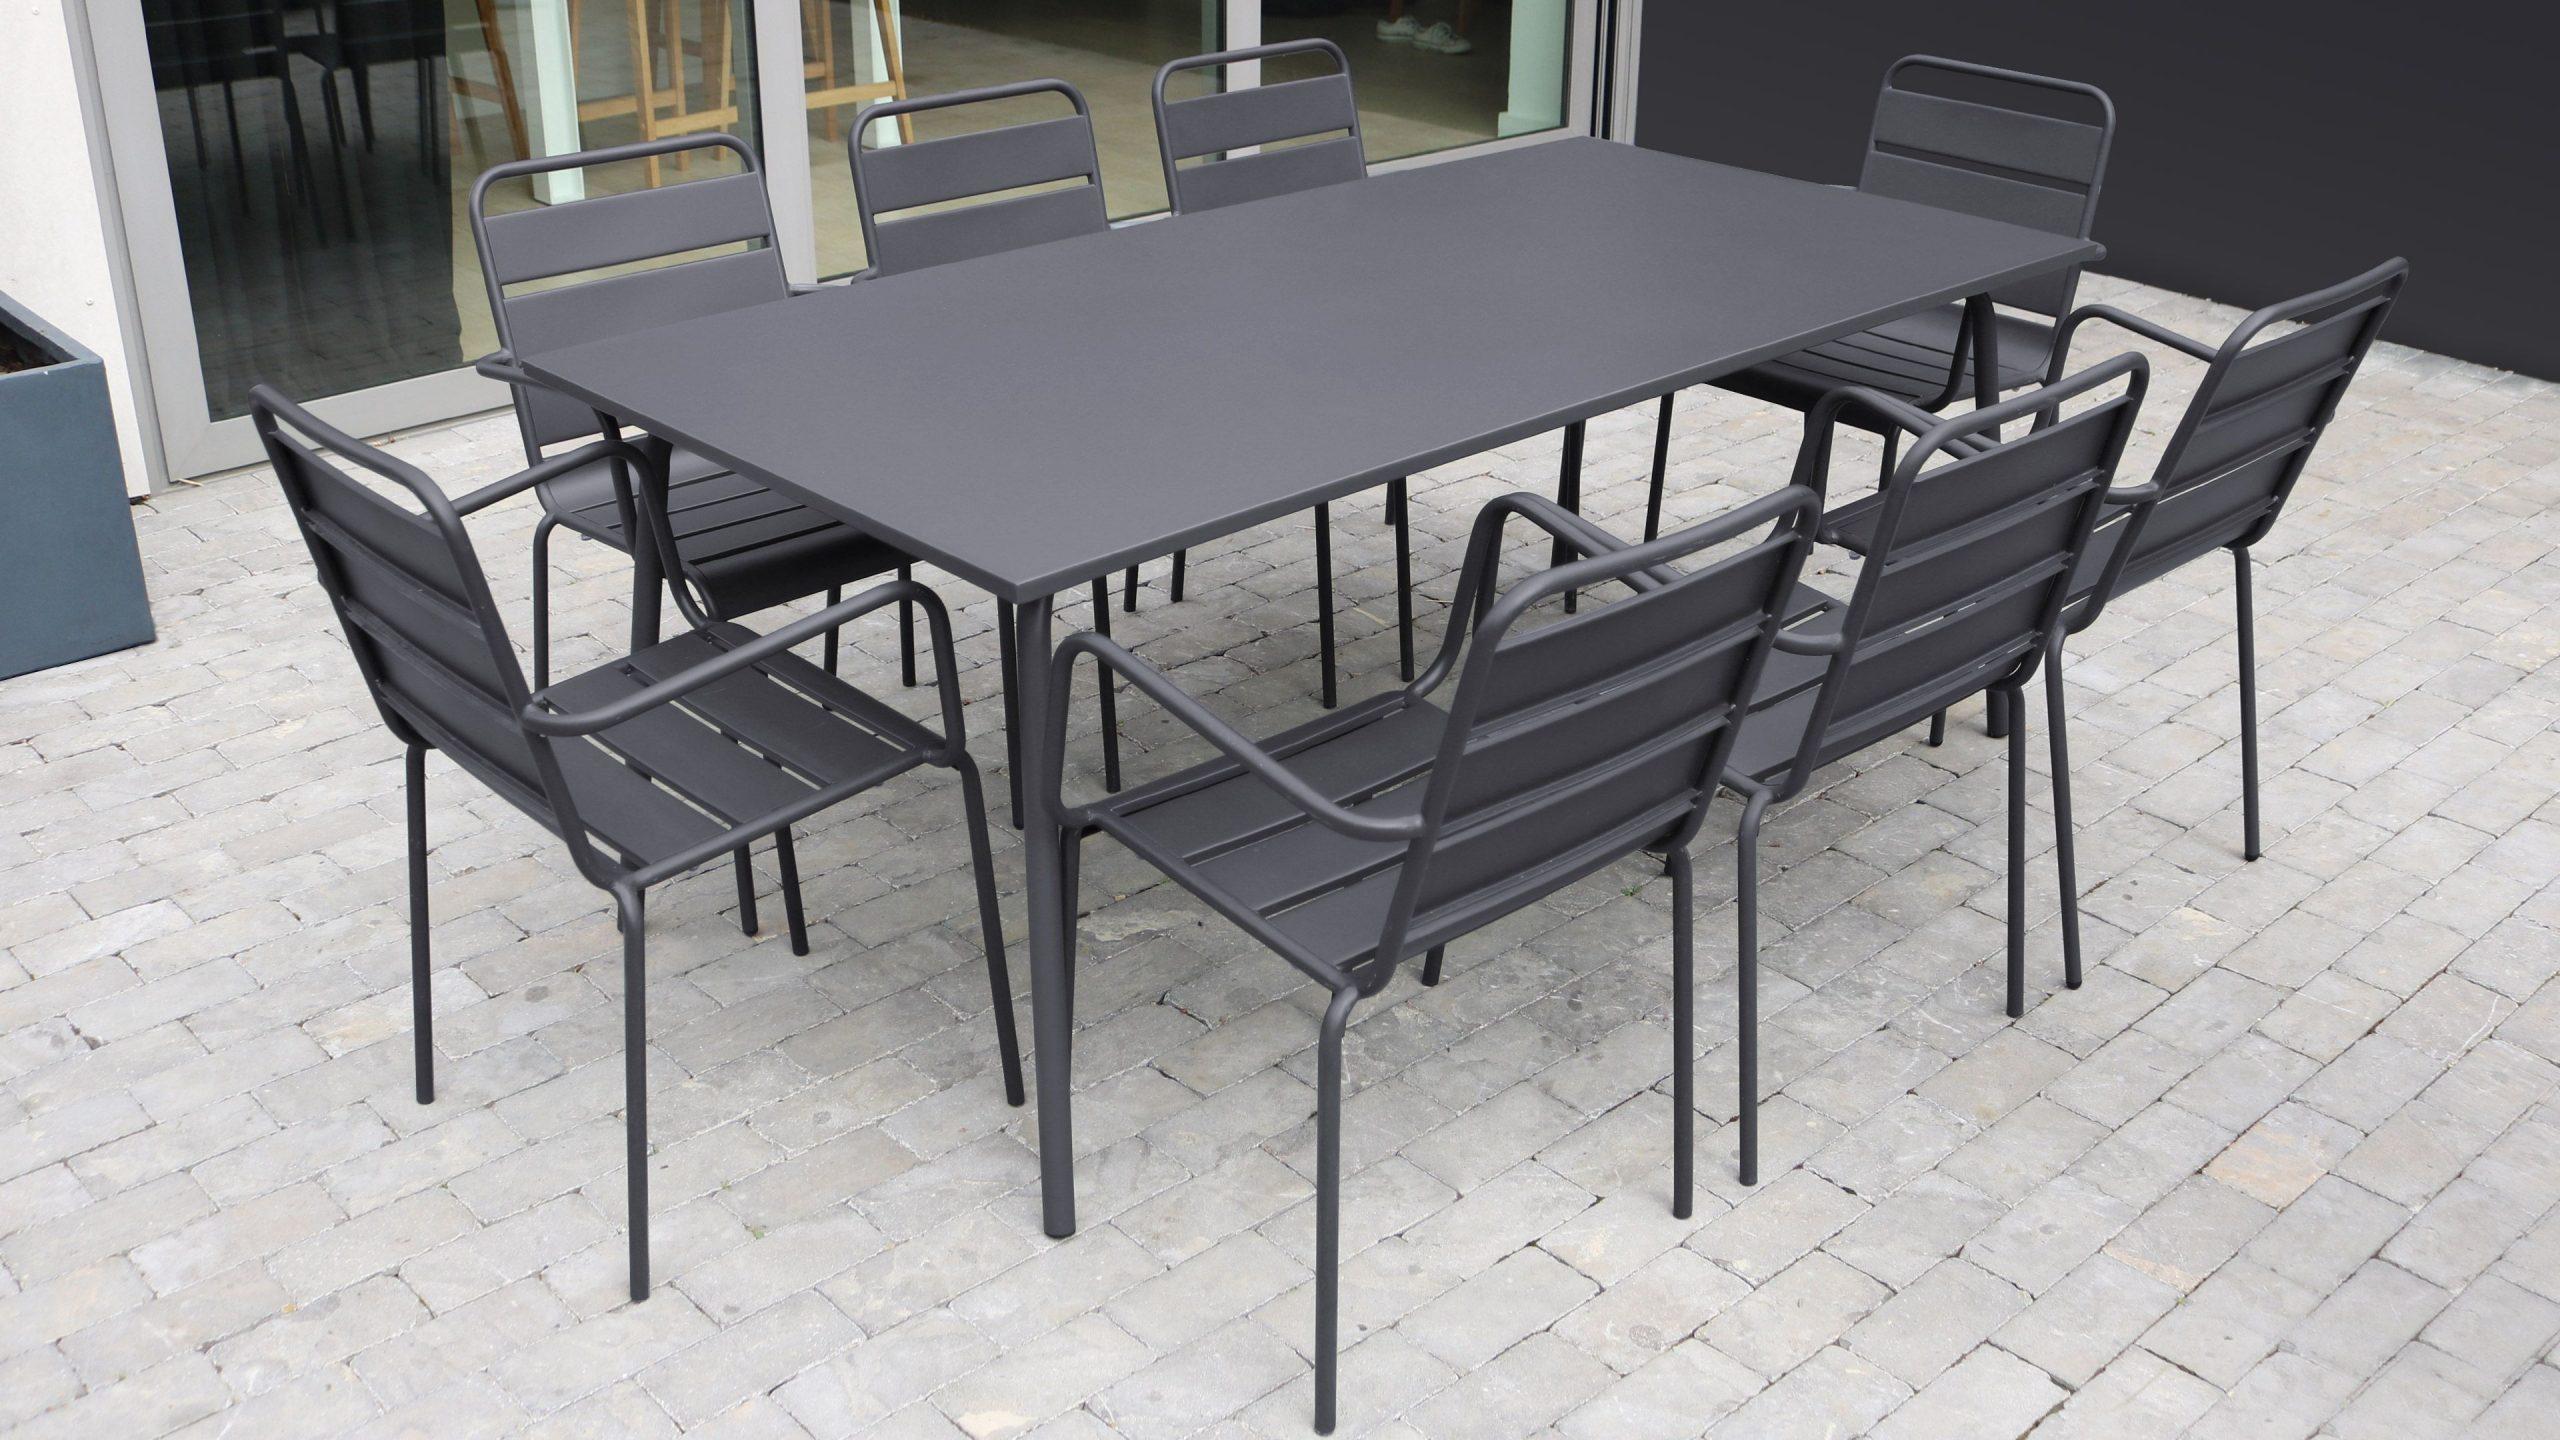 Table De Jardin Et 8 Fauteuils En Métal - Gris En 2020 ... serapportantà Table De Jardin Carrée 8 Personnes